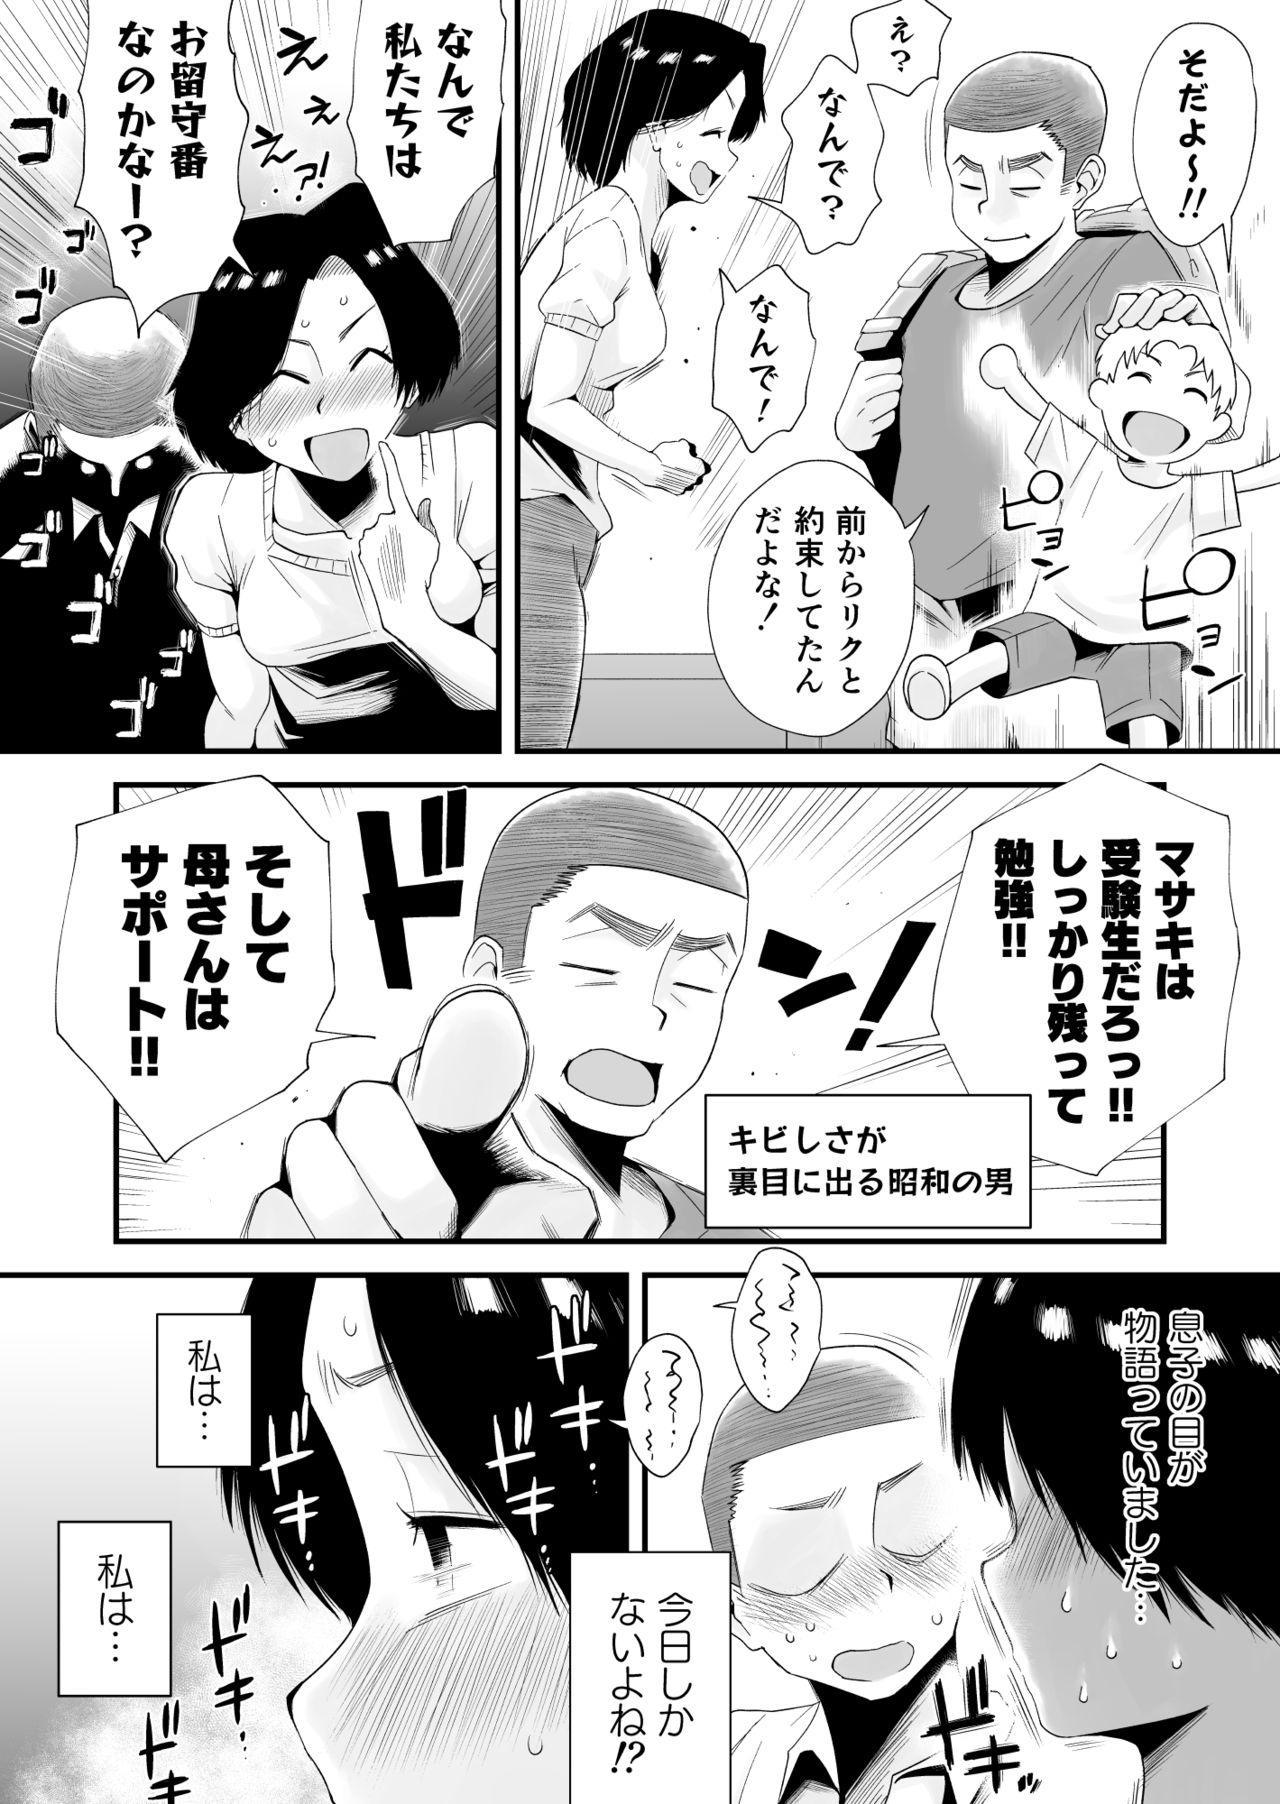 Dono Mama ga Suki? 24